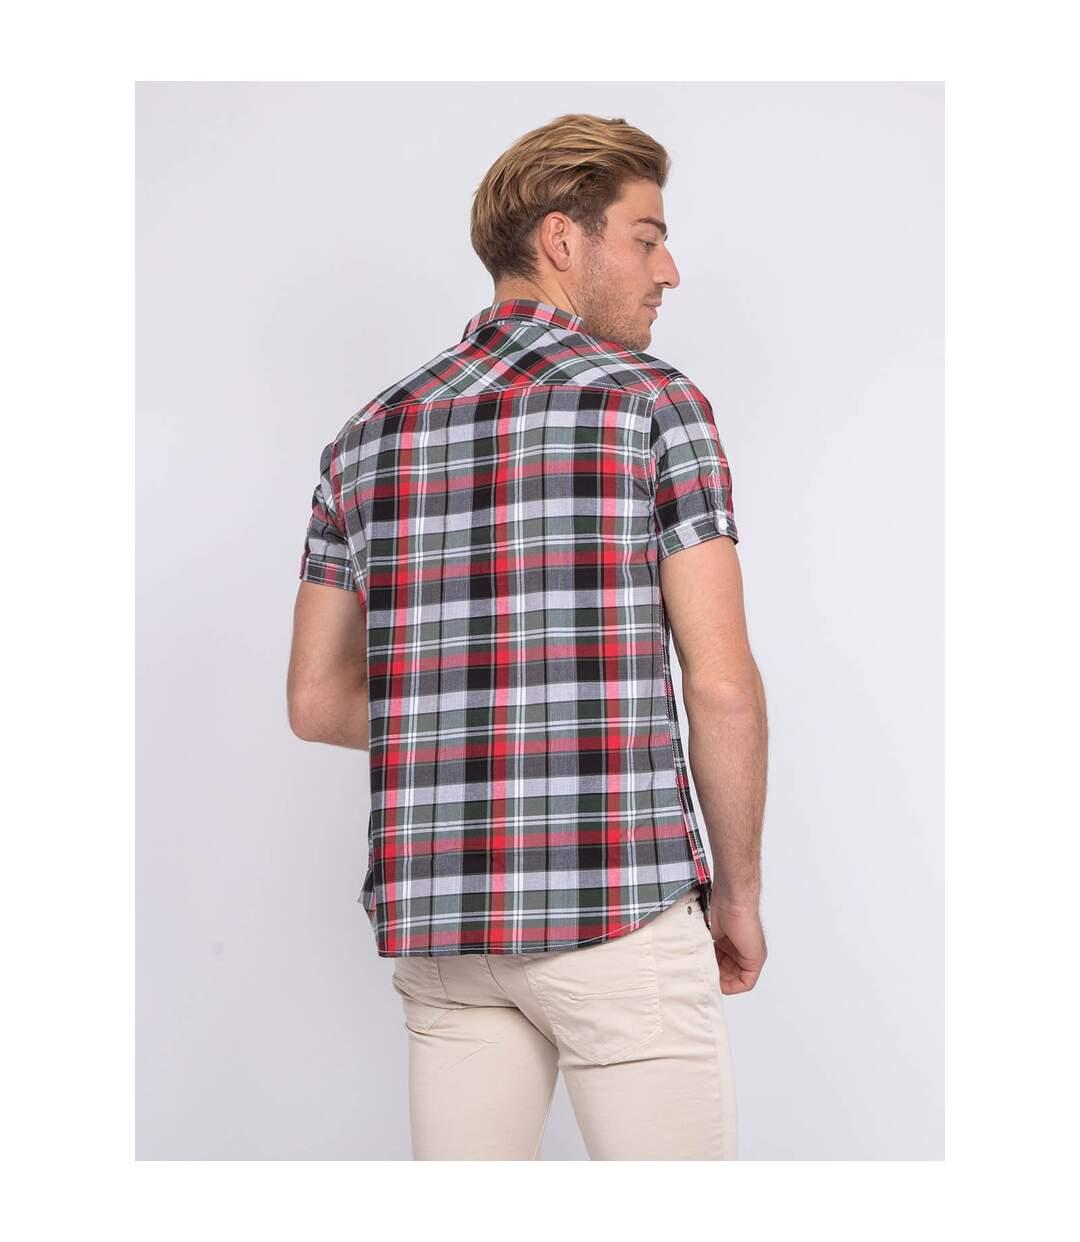 Chemise manches courtes carreaux DUCCIO - RITCHIE